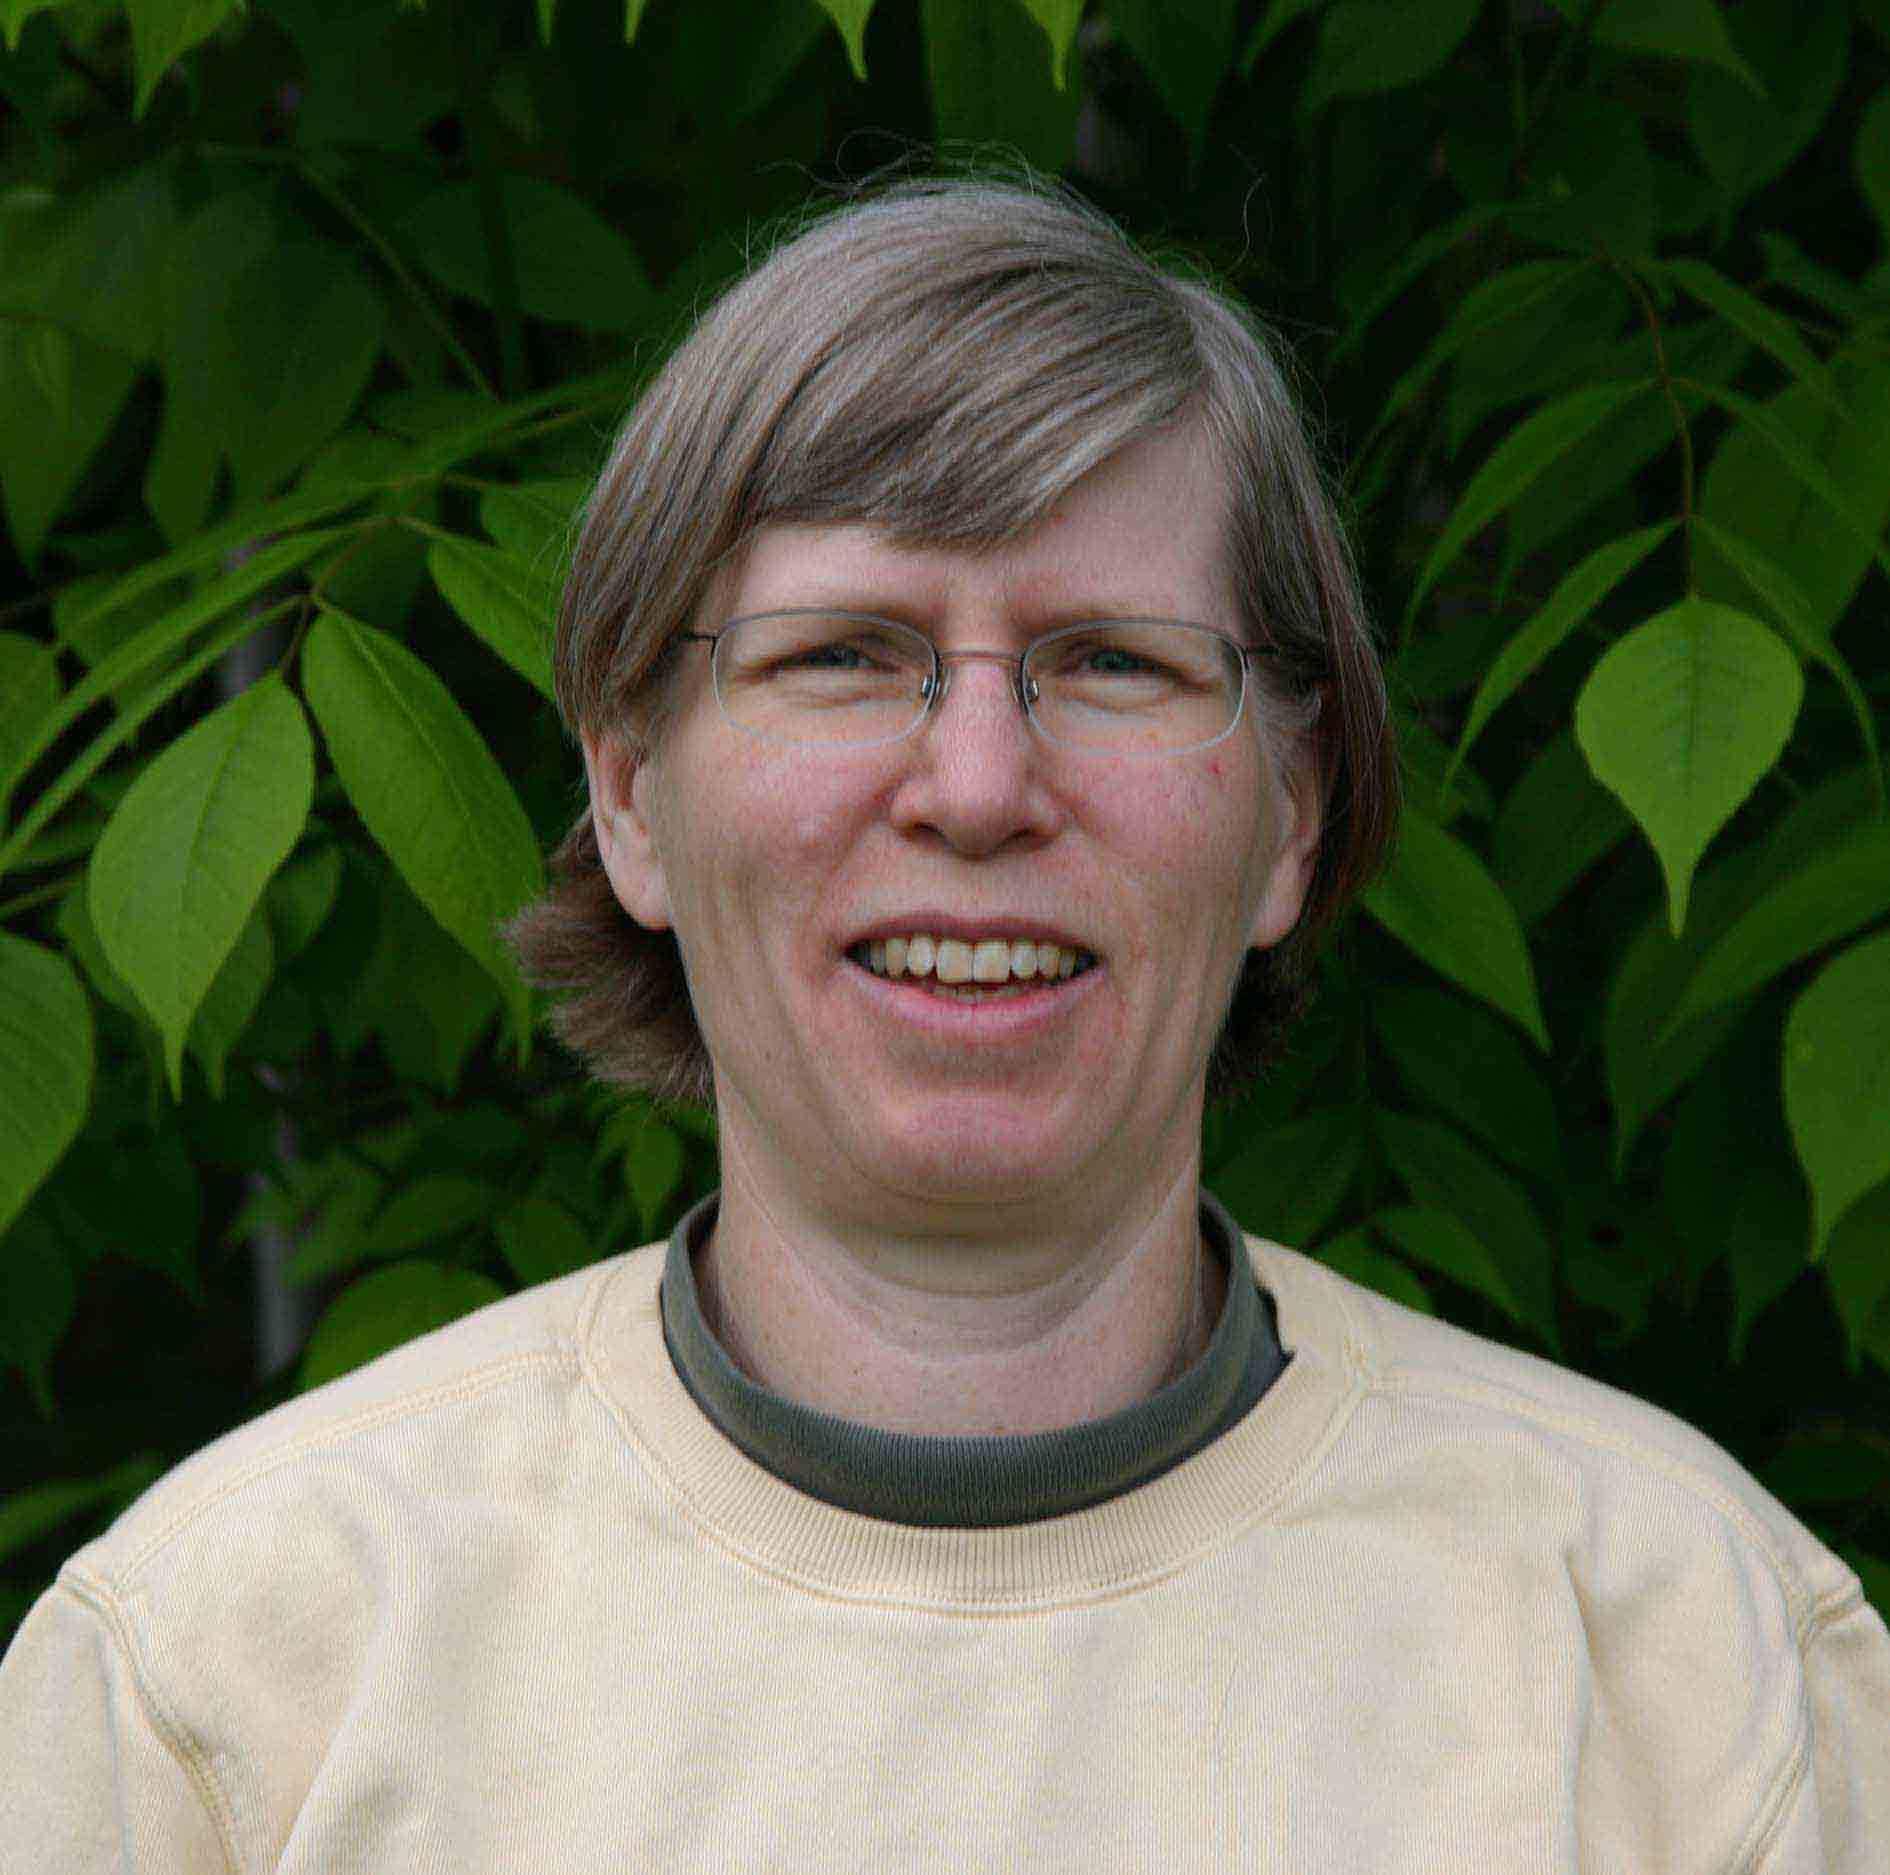 Lisa Timpf